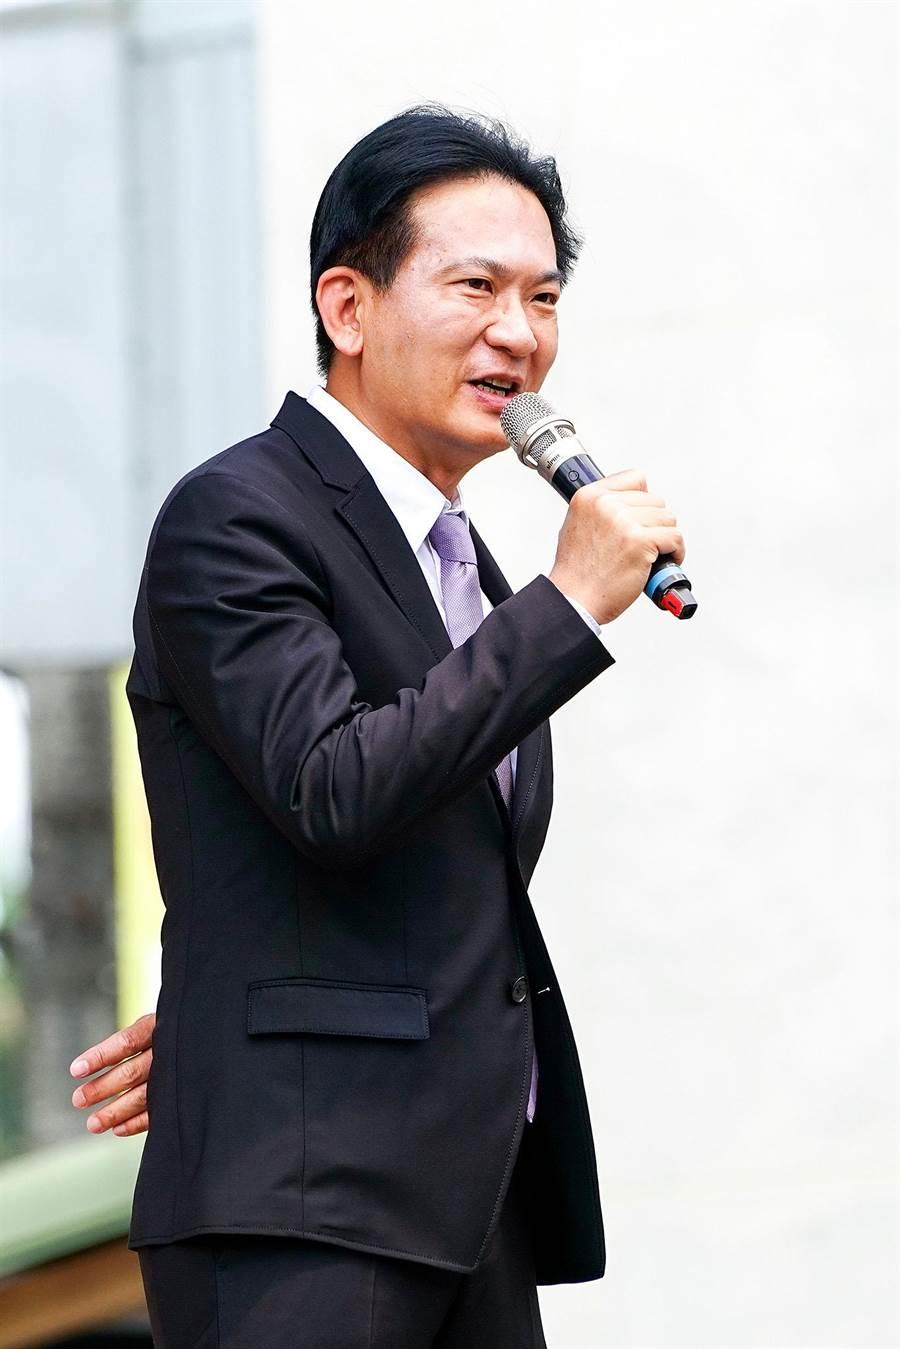 立委林俊憲今天上台為江聰淵助講,他讚譽江聰淵具理性、有魄力。(李忠一攝)